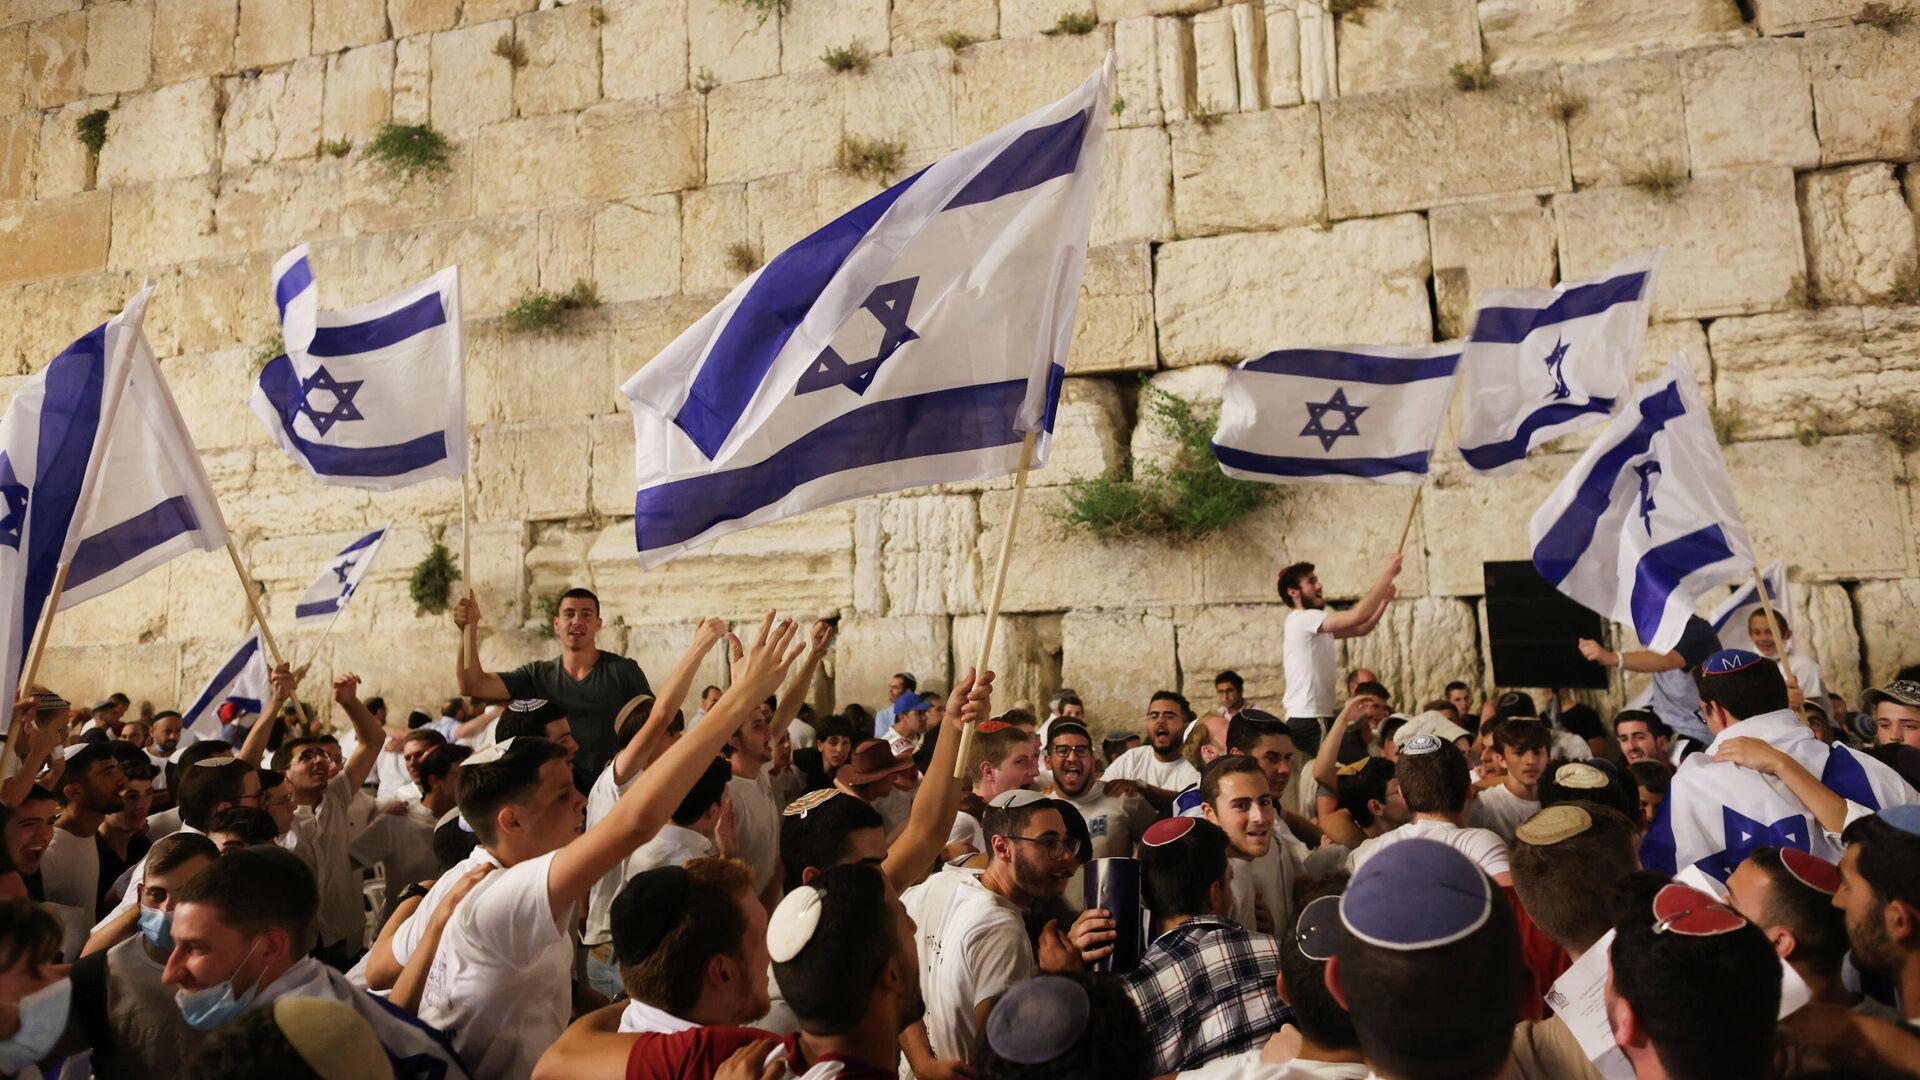 Banderas de Israel en una marcha - Sputnik Mundo, 1920, 10.05.2021